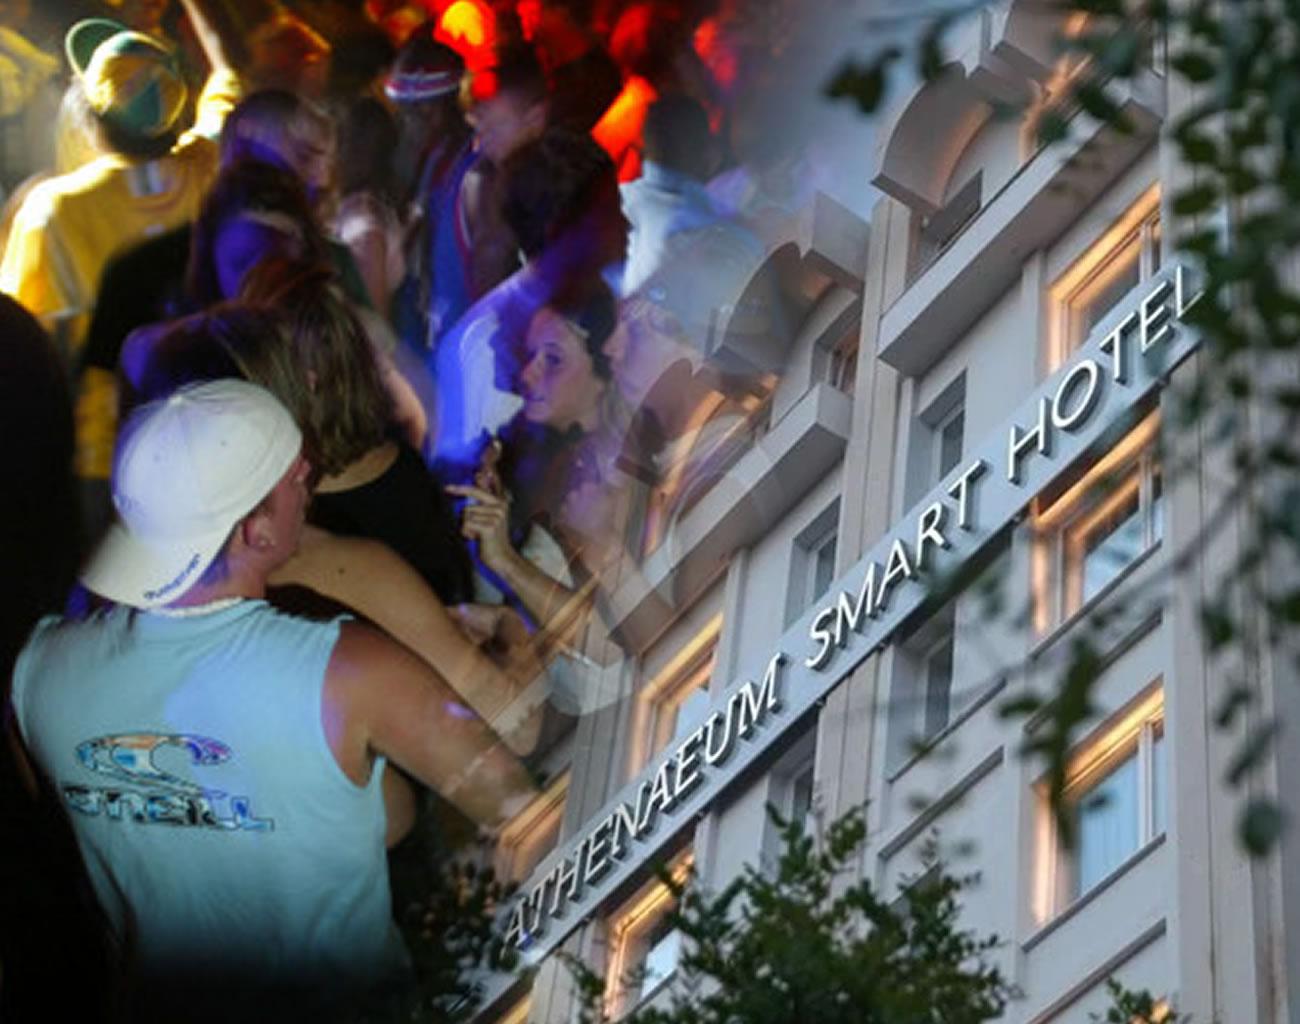 ξενοδοχείο συγγρού,ξενοδοχείο συγγρού,ξενοδοχεία συγγρού,ξενοδοχείο στη συγγρού